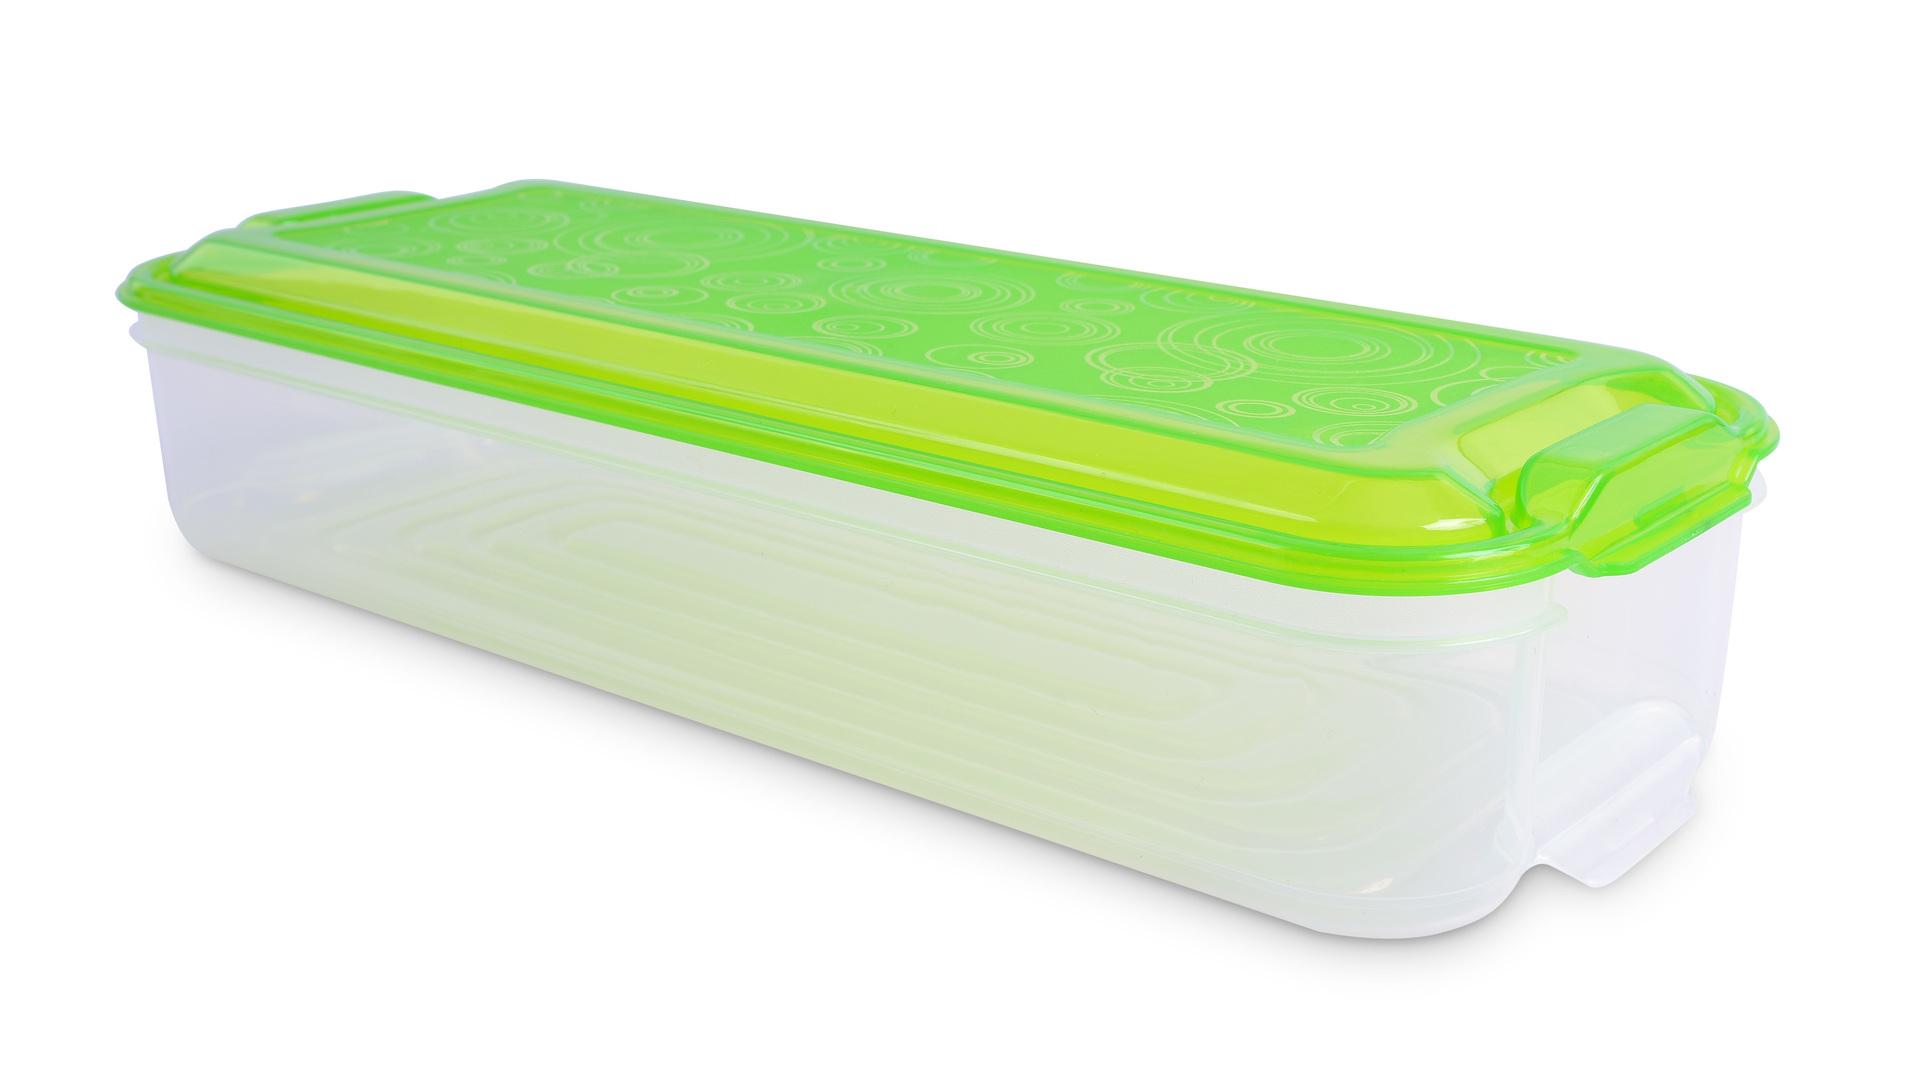 DA16651-CHLADNIČKOBOX 1 poschodové BOX na potraviny